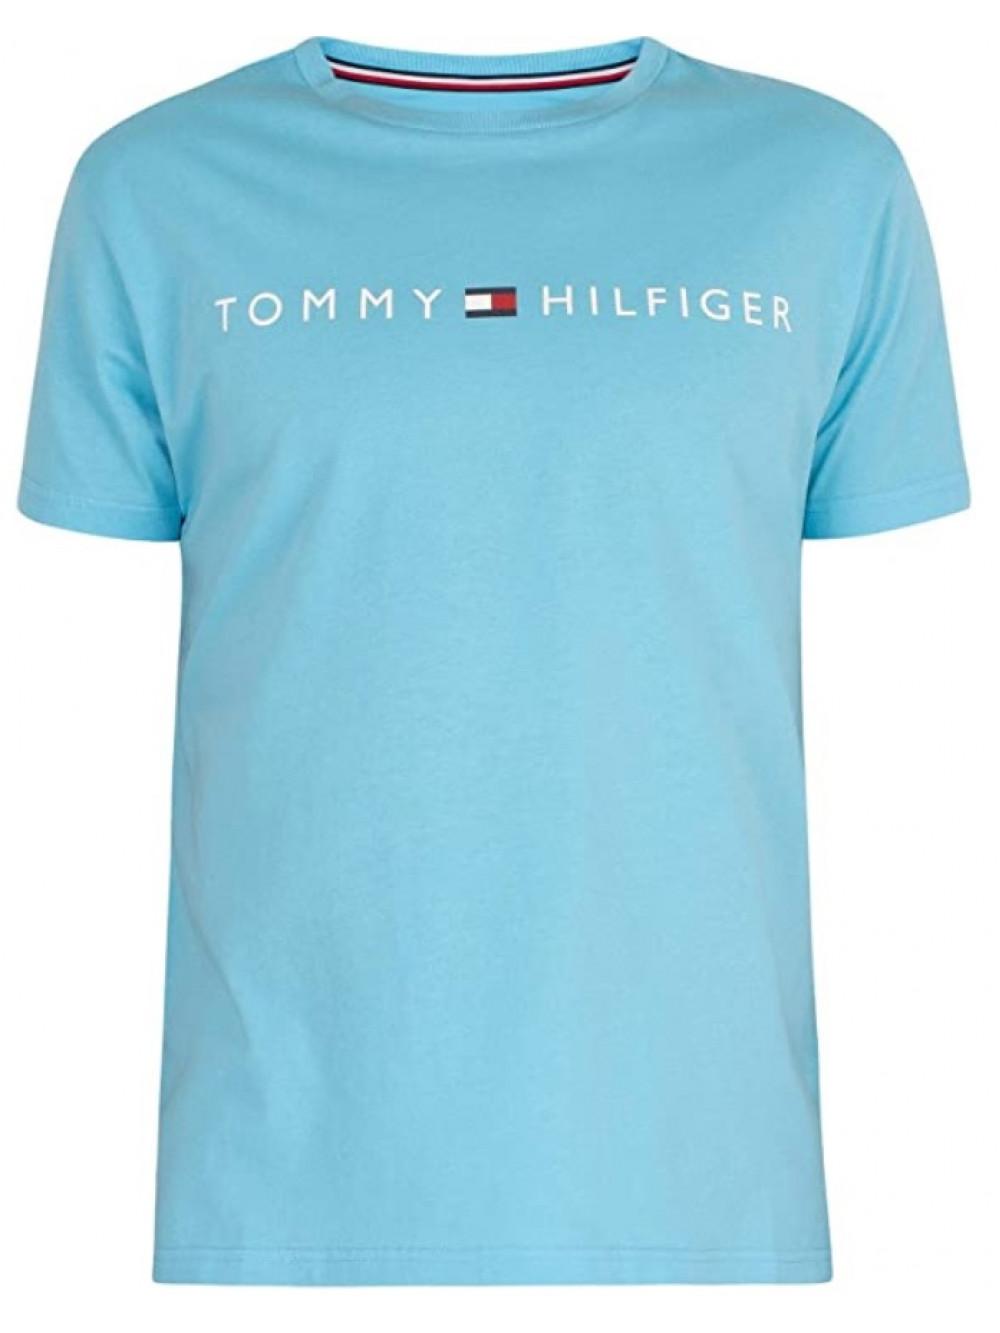 Pánske tričko Tommy Hilfiger Crew Neck Tee Logo tyrkysové